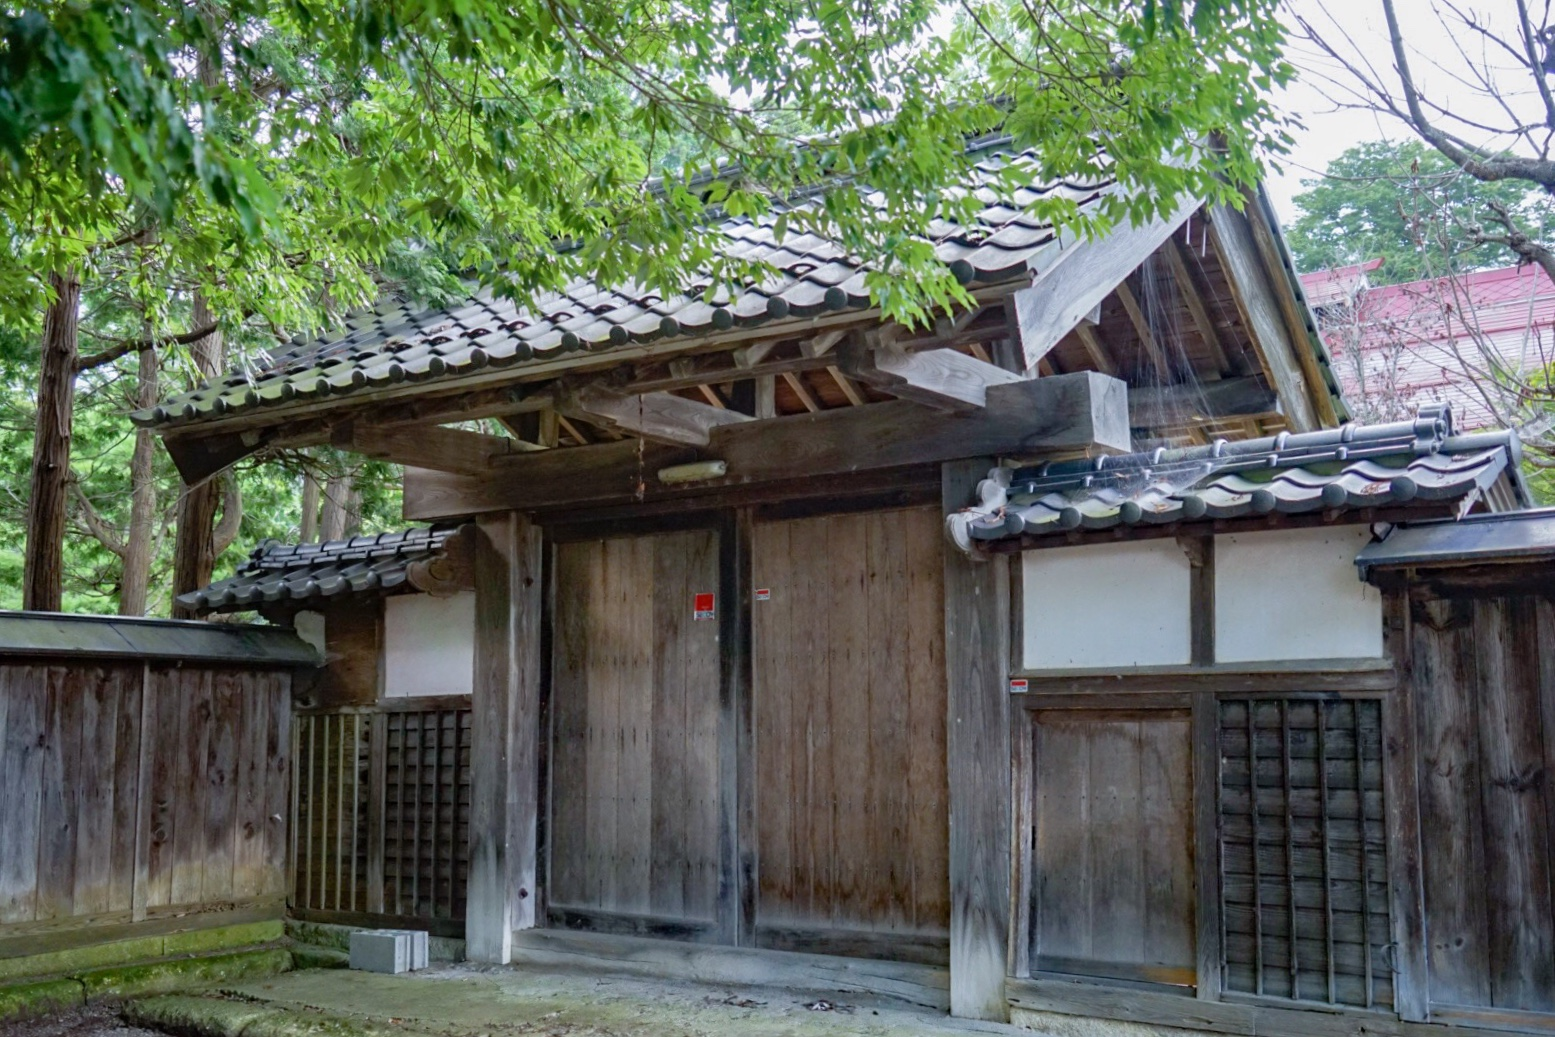 羽州街道、古(いにしえ)の小径/桑折町公式ホームページ